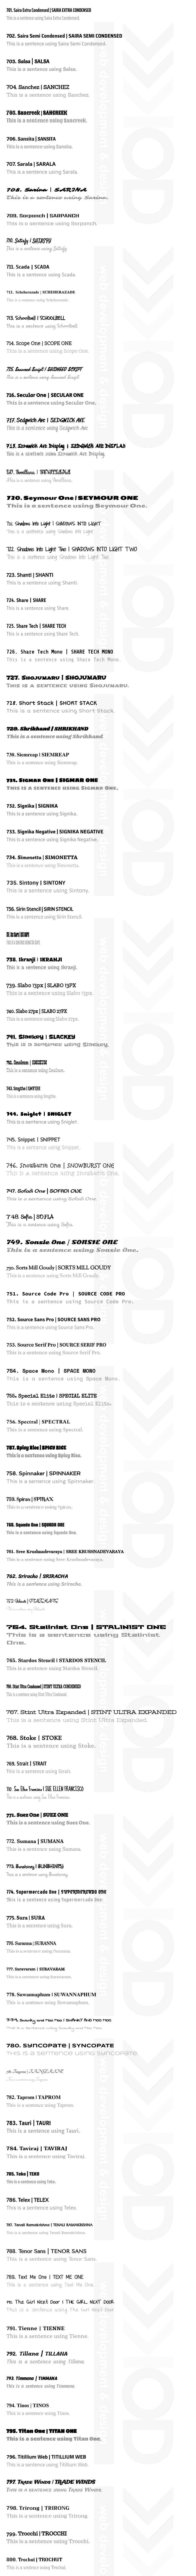 Divi Font List 8